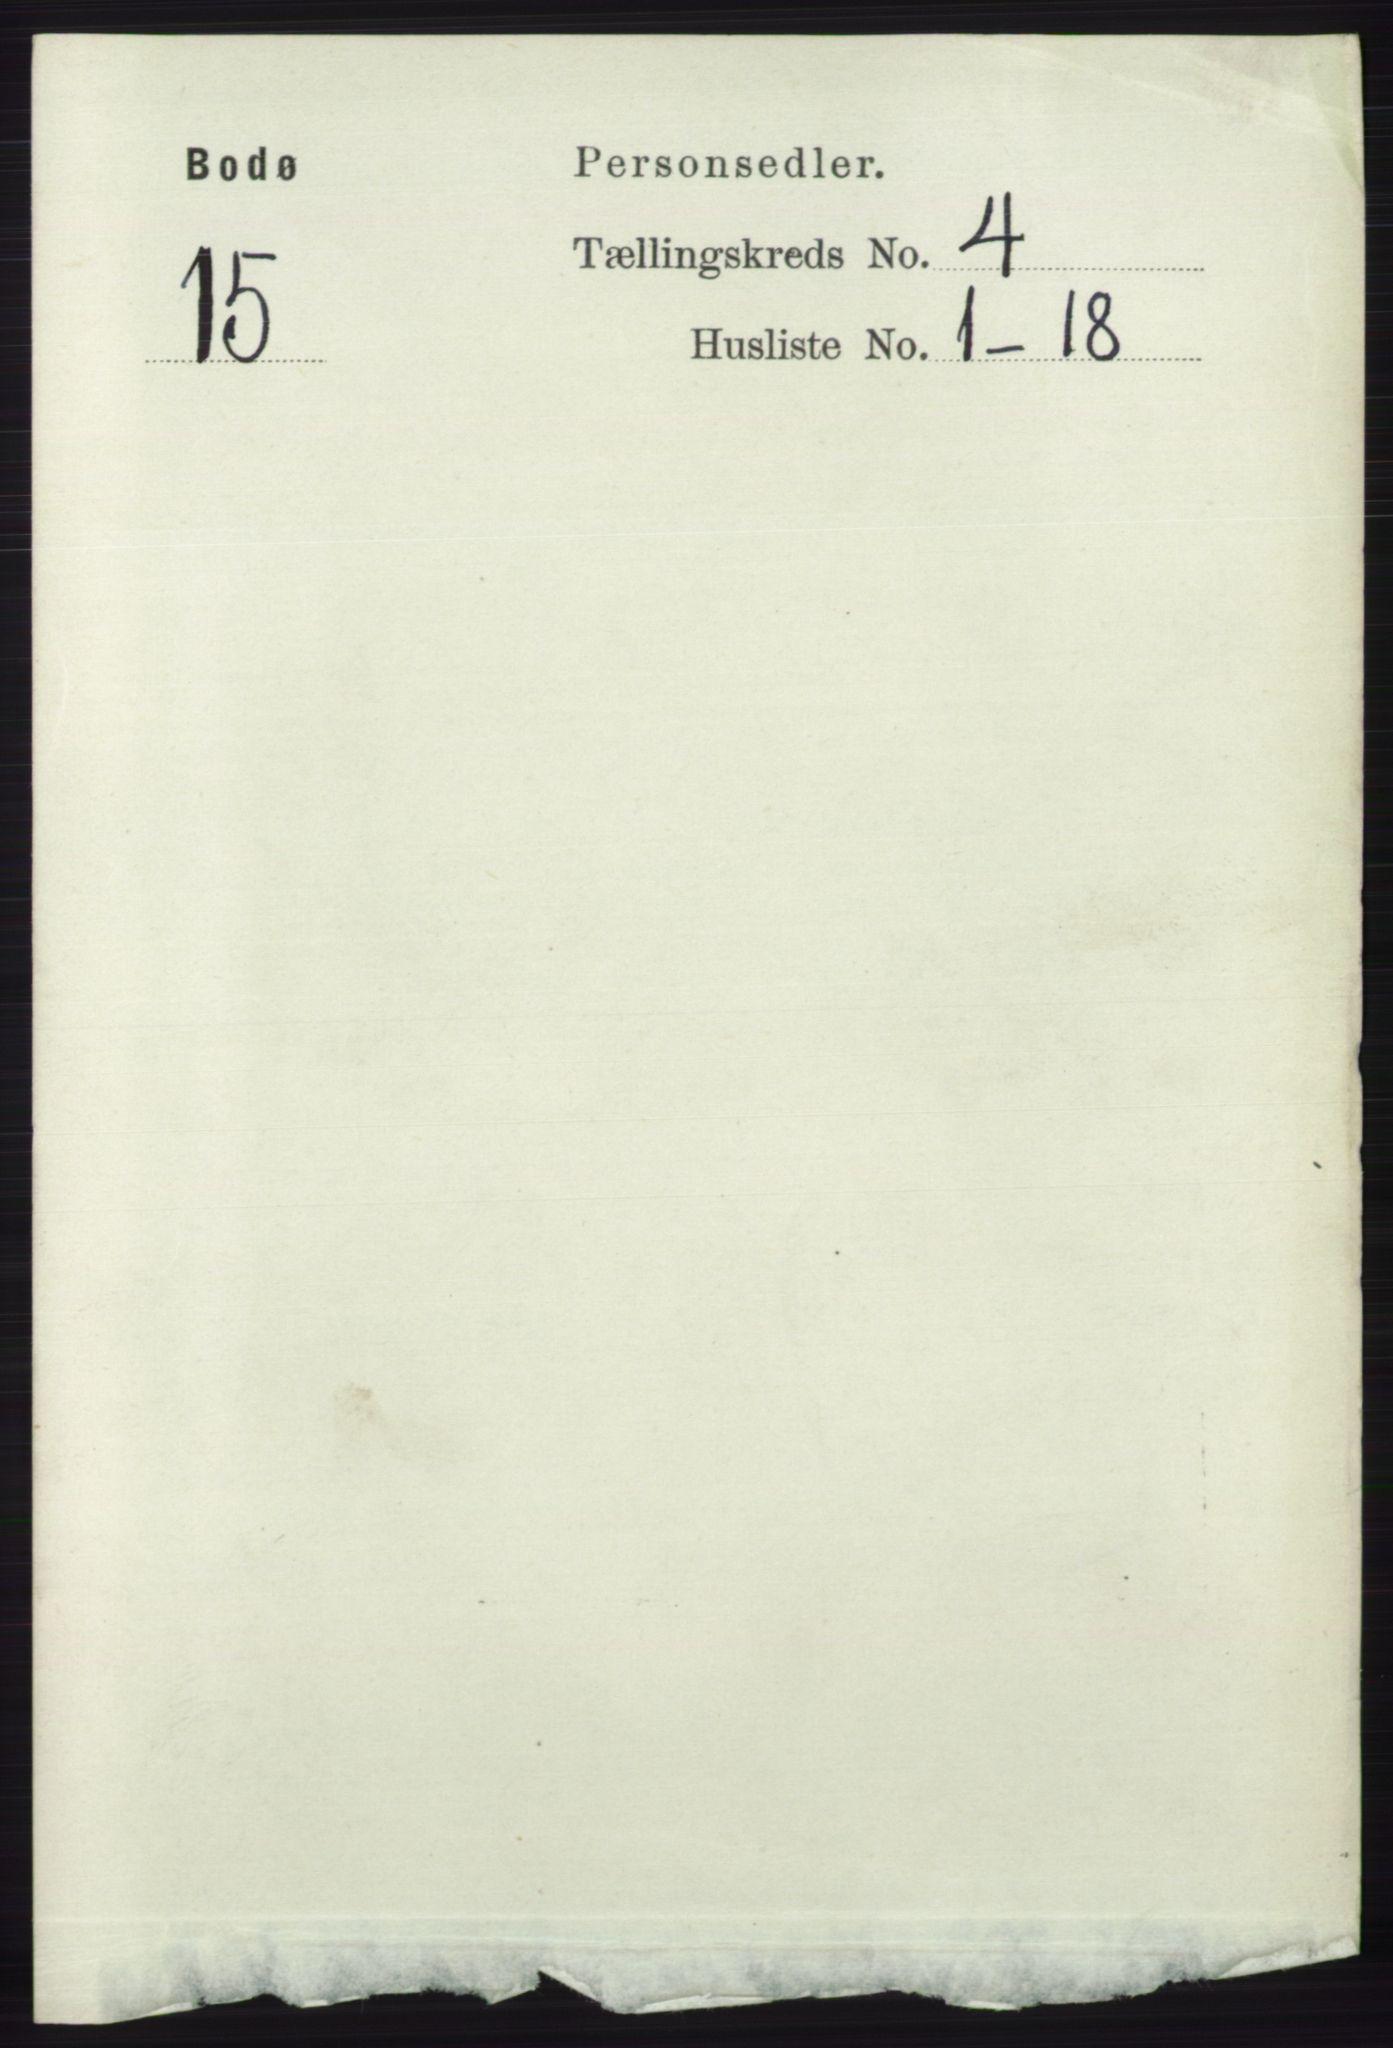 RA, Folketelling 1891 for 1804 Bodø kjøpstad, 1891, s. 3019